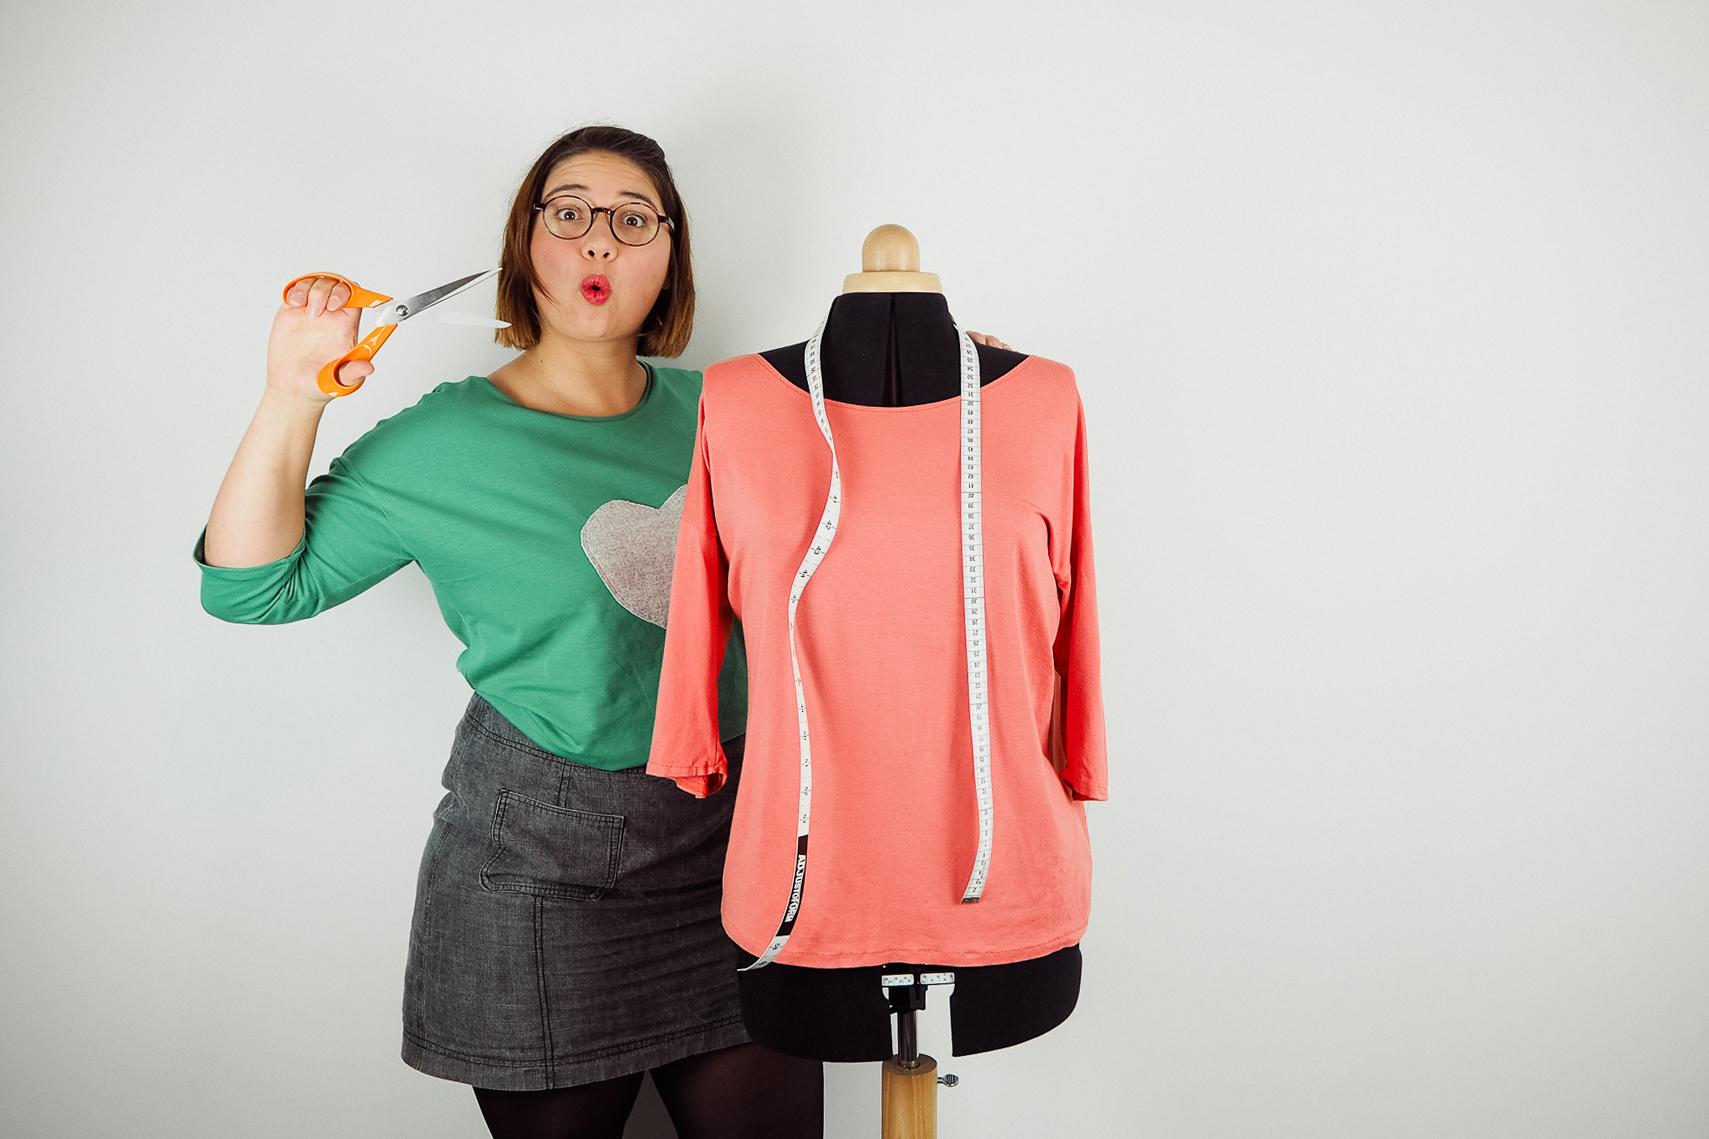 Tuto couture : coudre un t-shirt